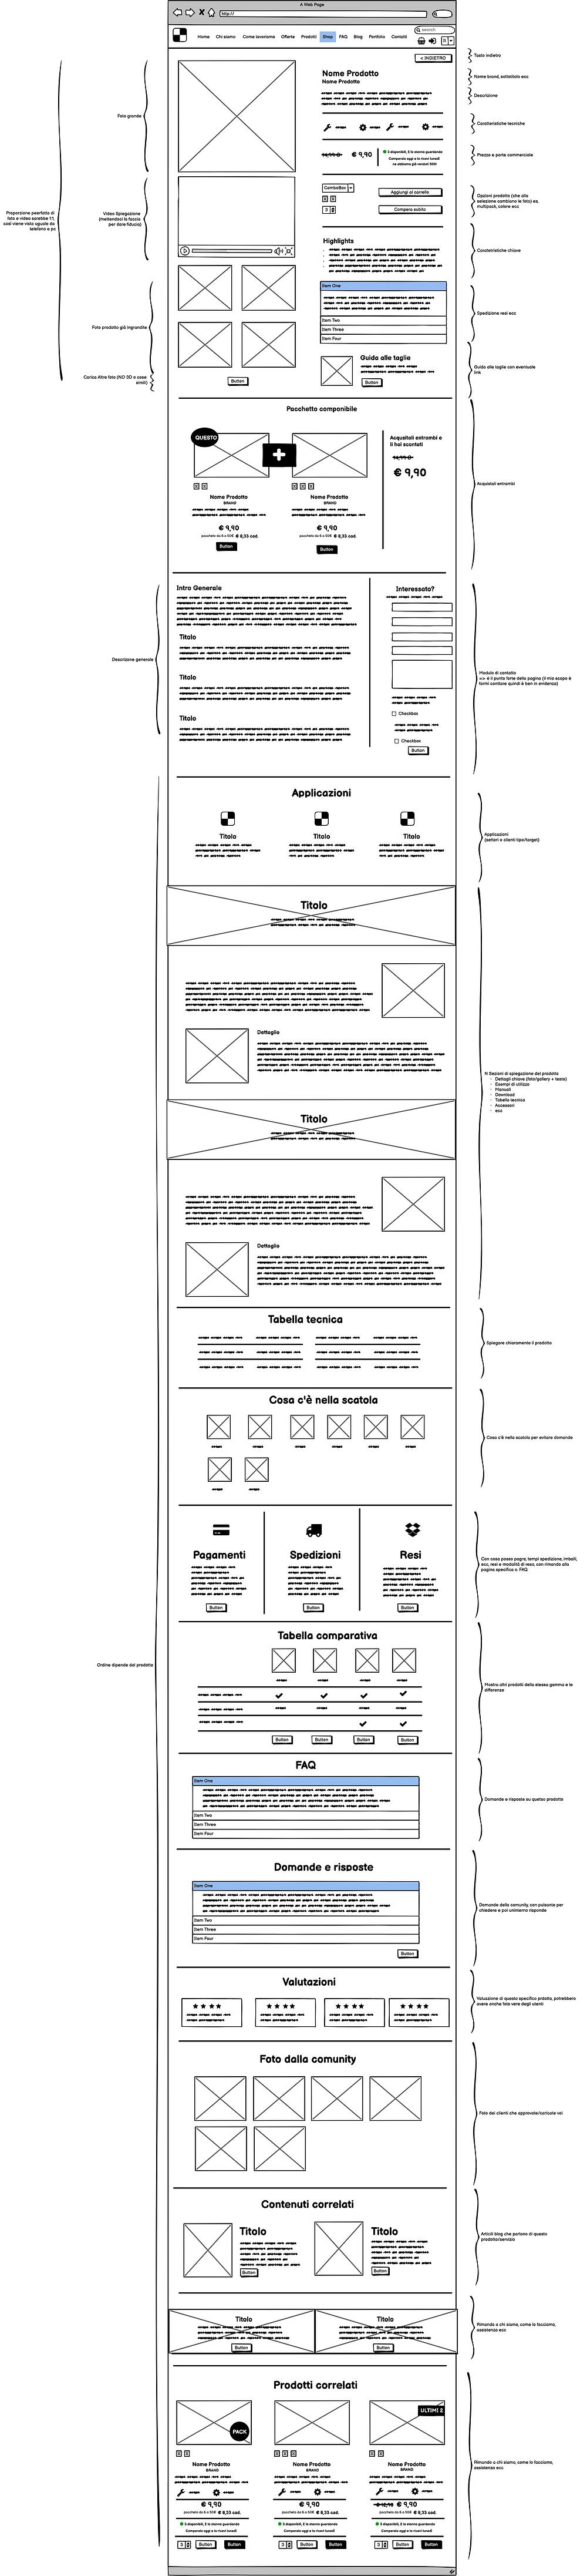 Schema pagina prodotto efficace per e-commerce - Web design - Wix, Wordpress, Magento Prestashop